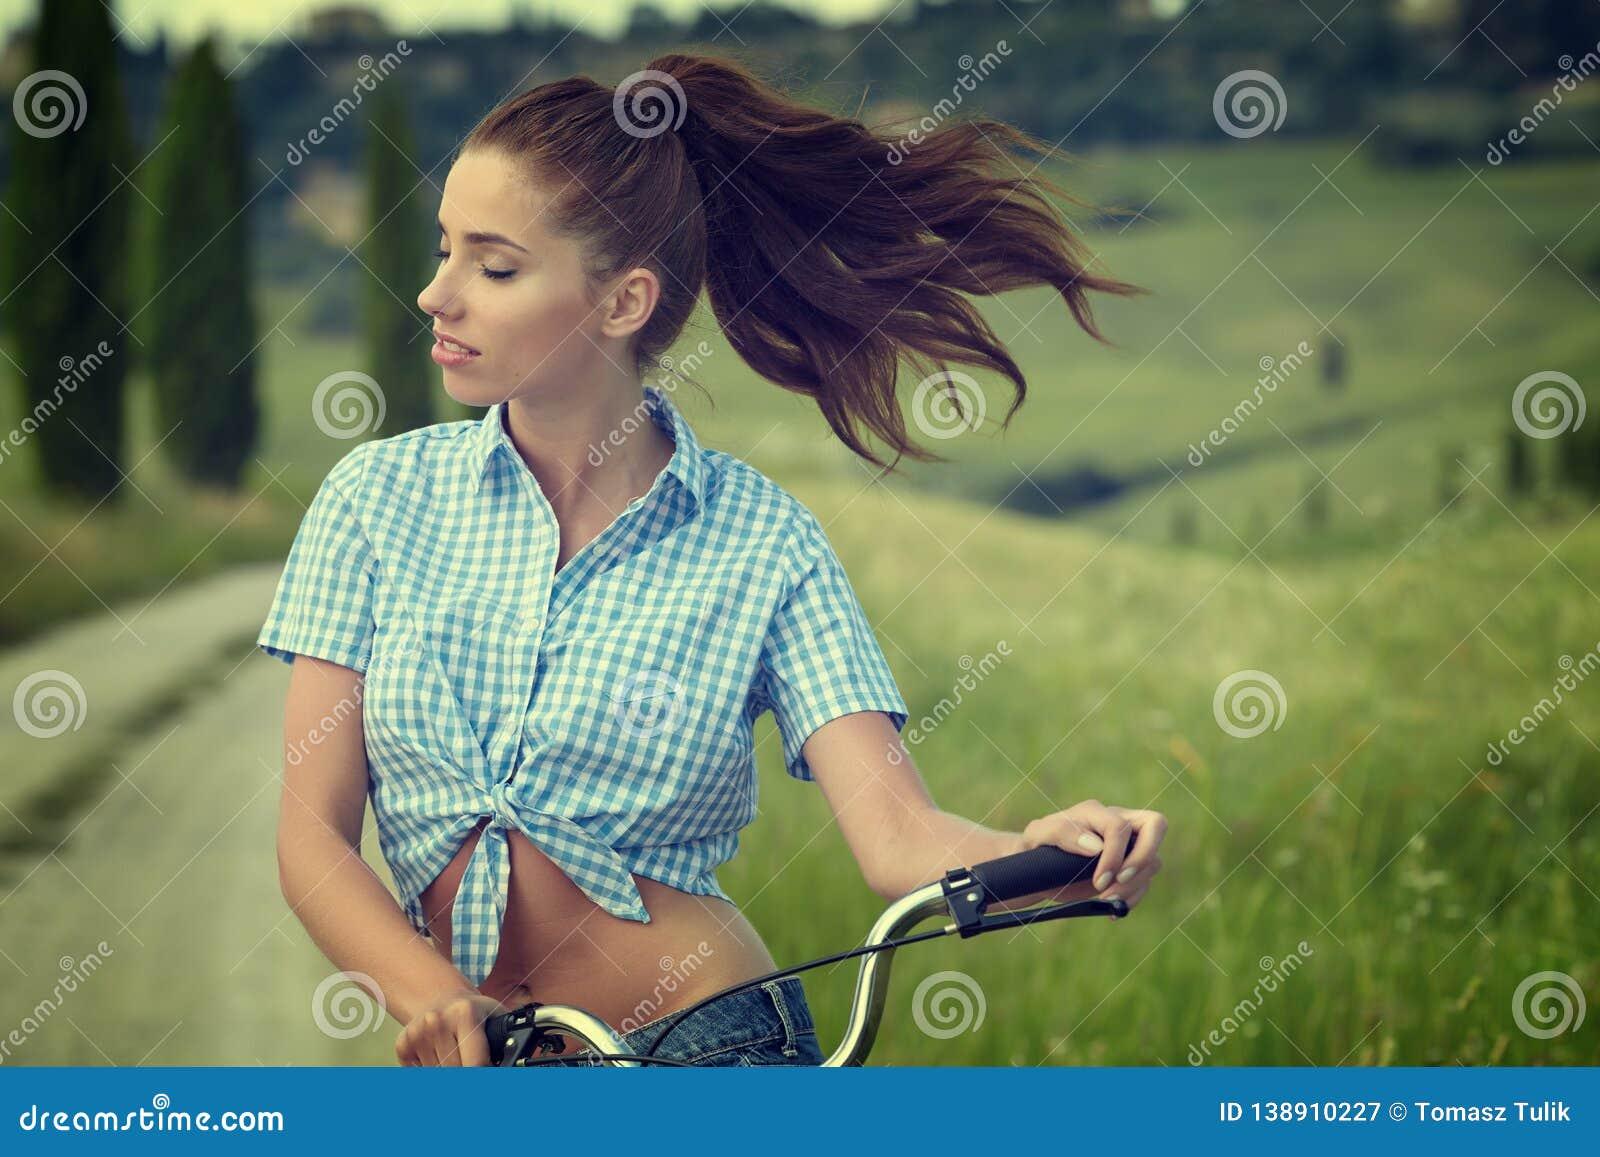 Piękny rocznik dziewczyny obsiadanie obok roweru, lato czas